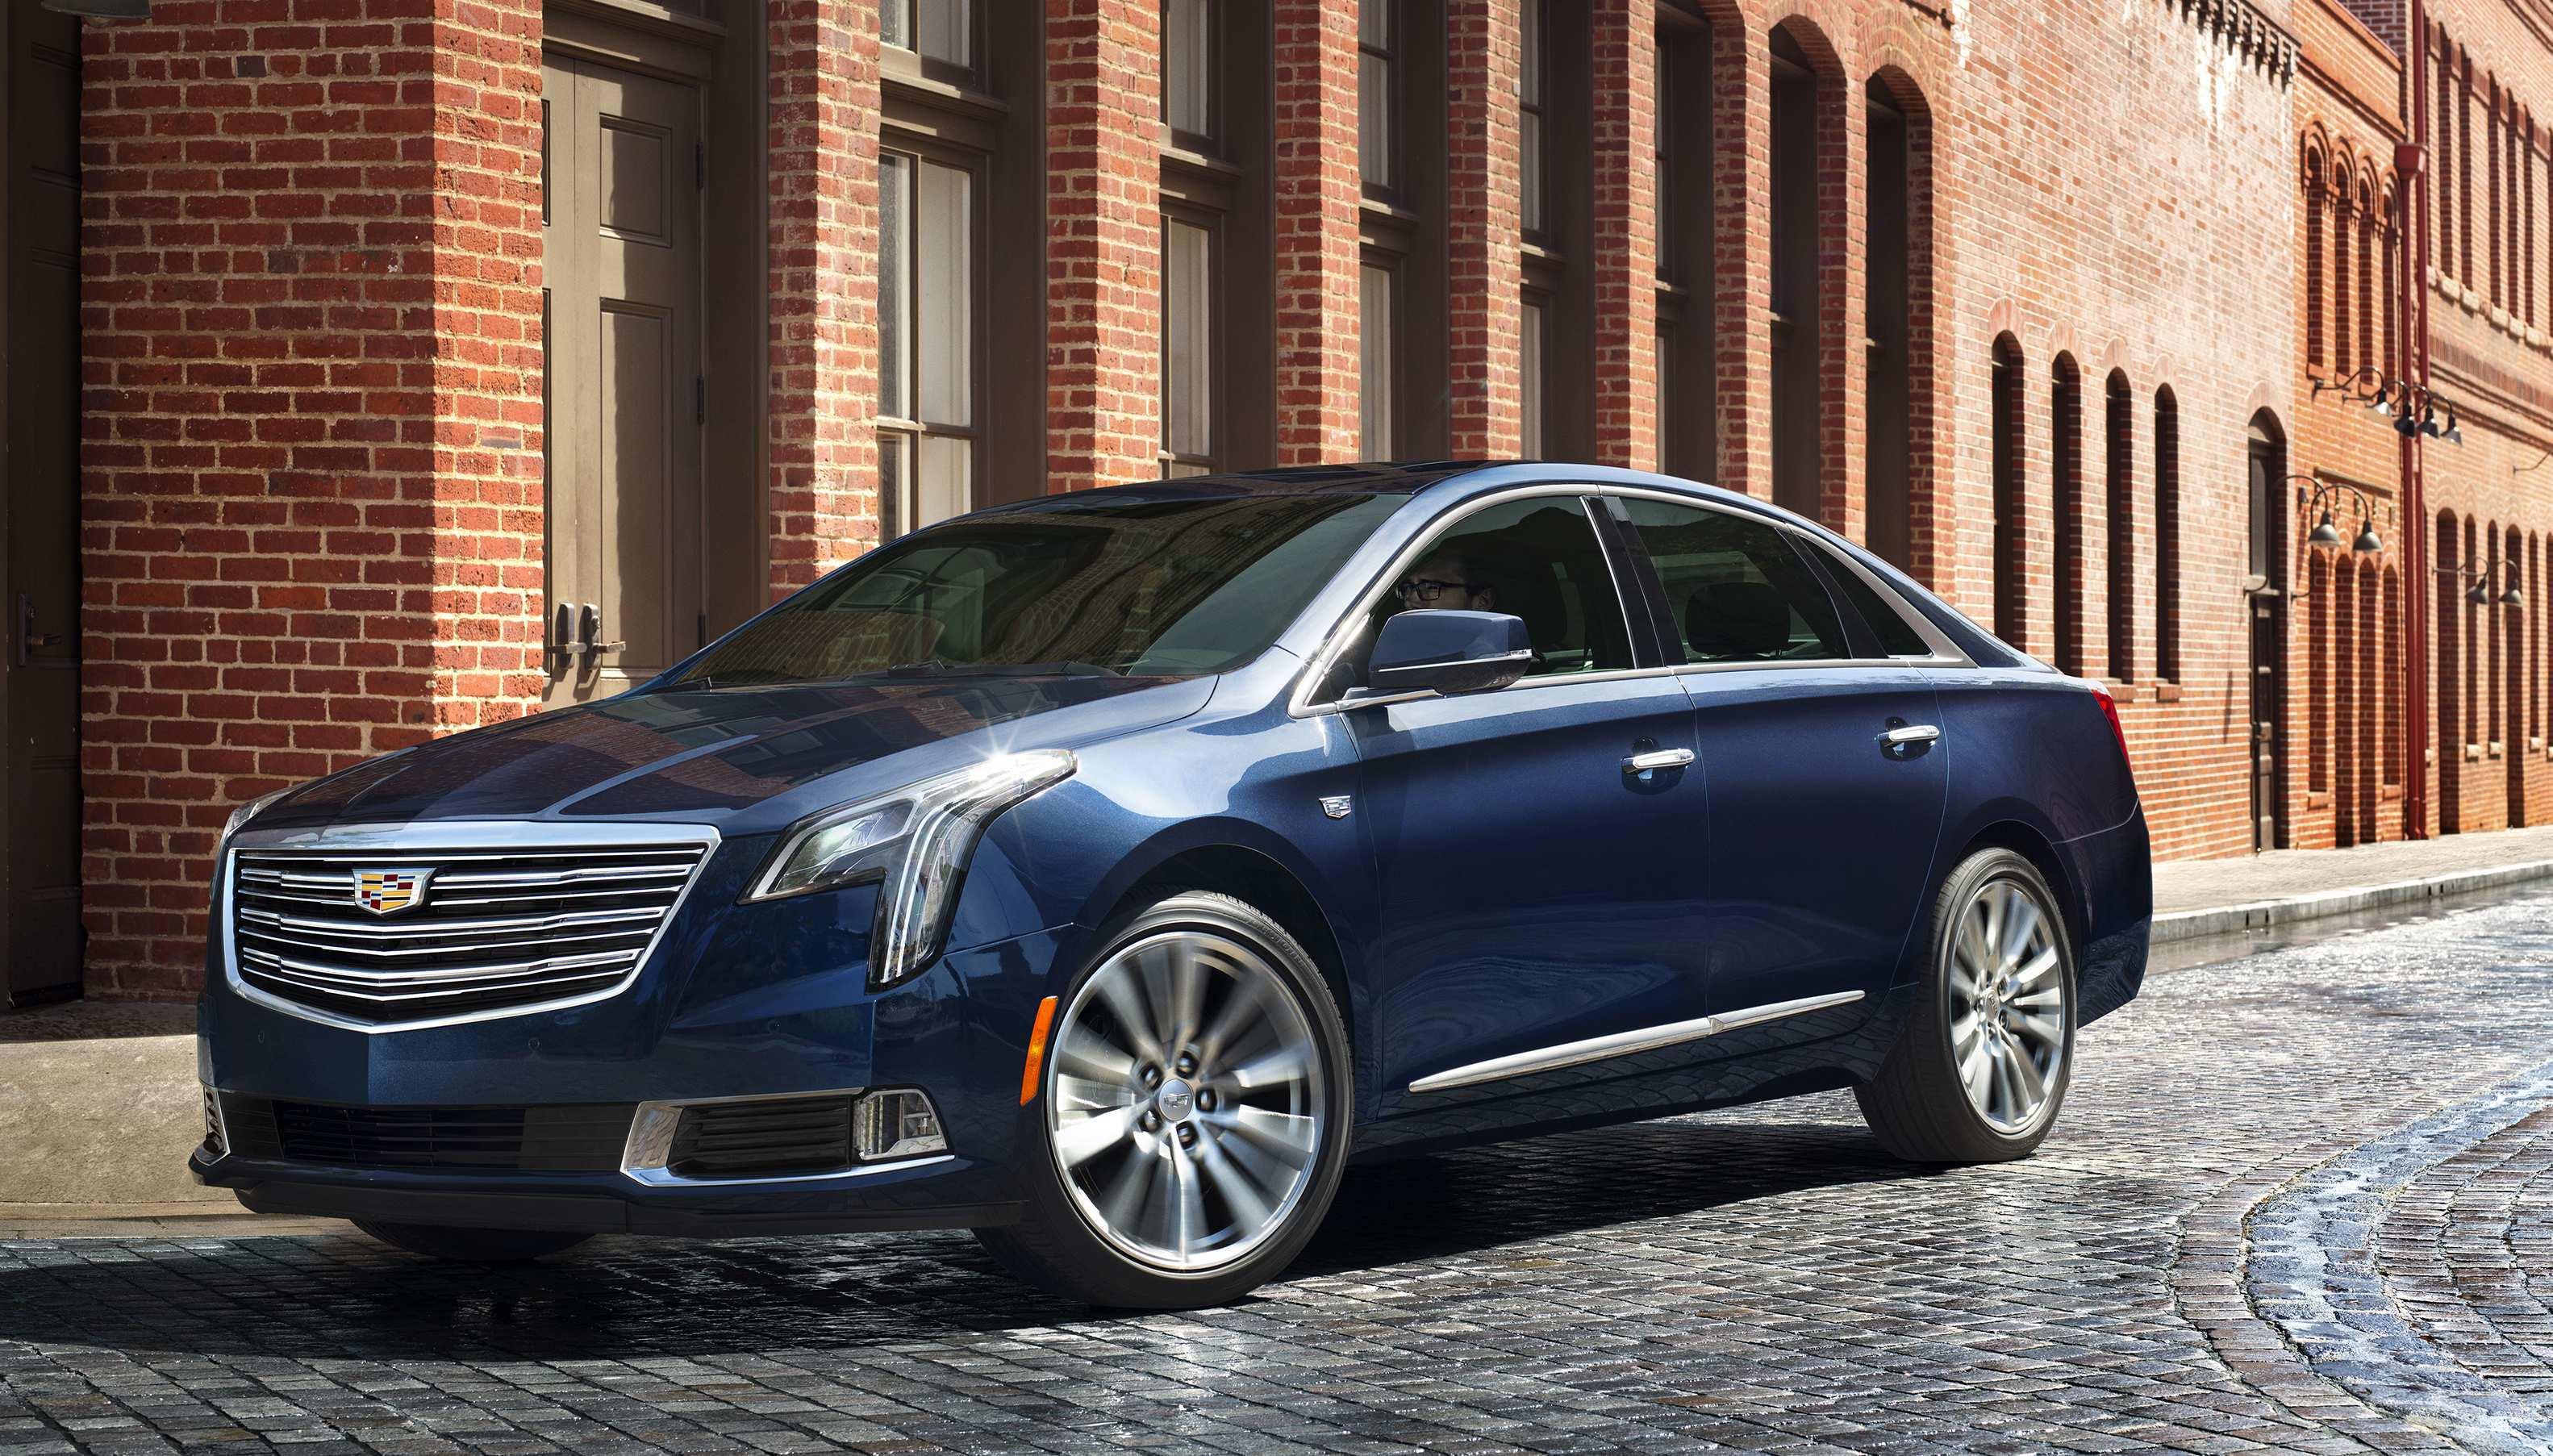 52 New 2020 Cadillac Xts Premium Configurations for 2020 Cadillac Xts Premium